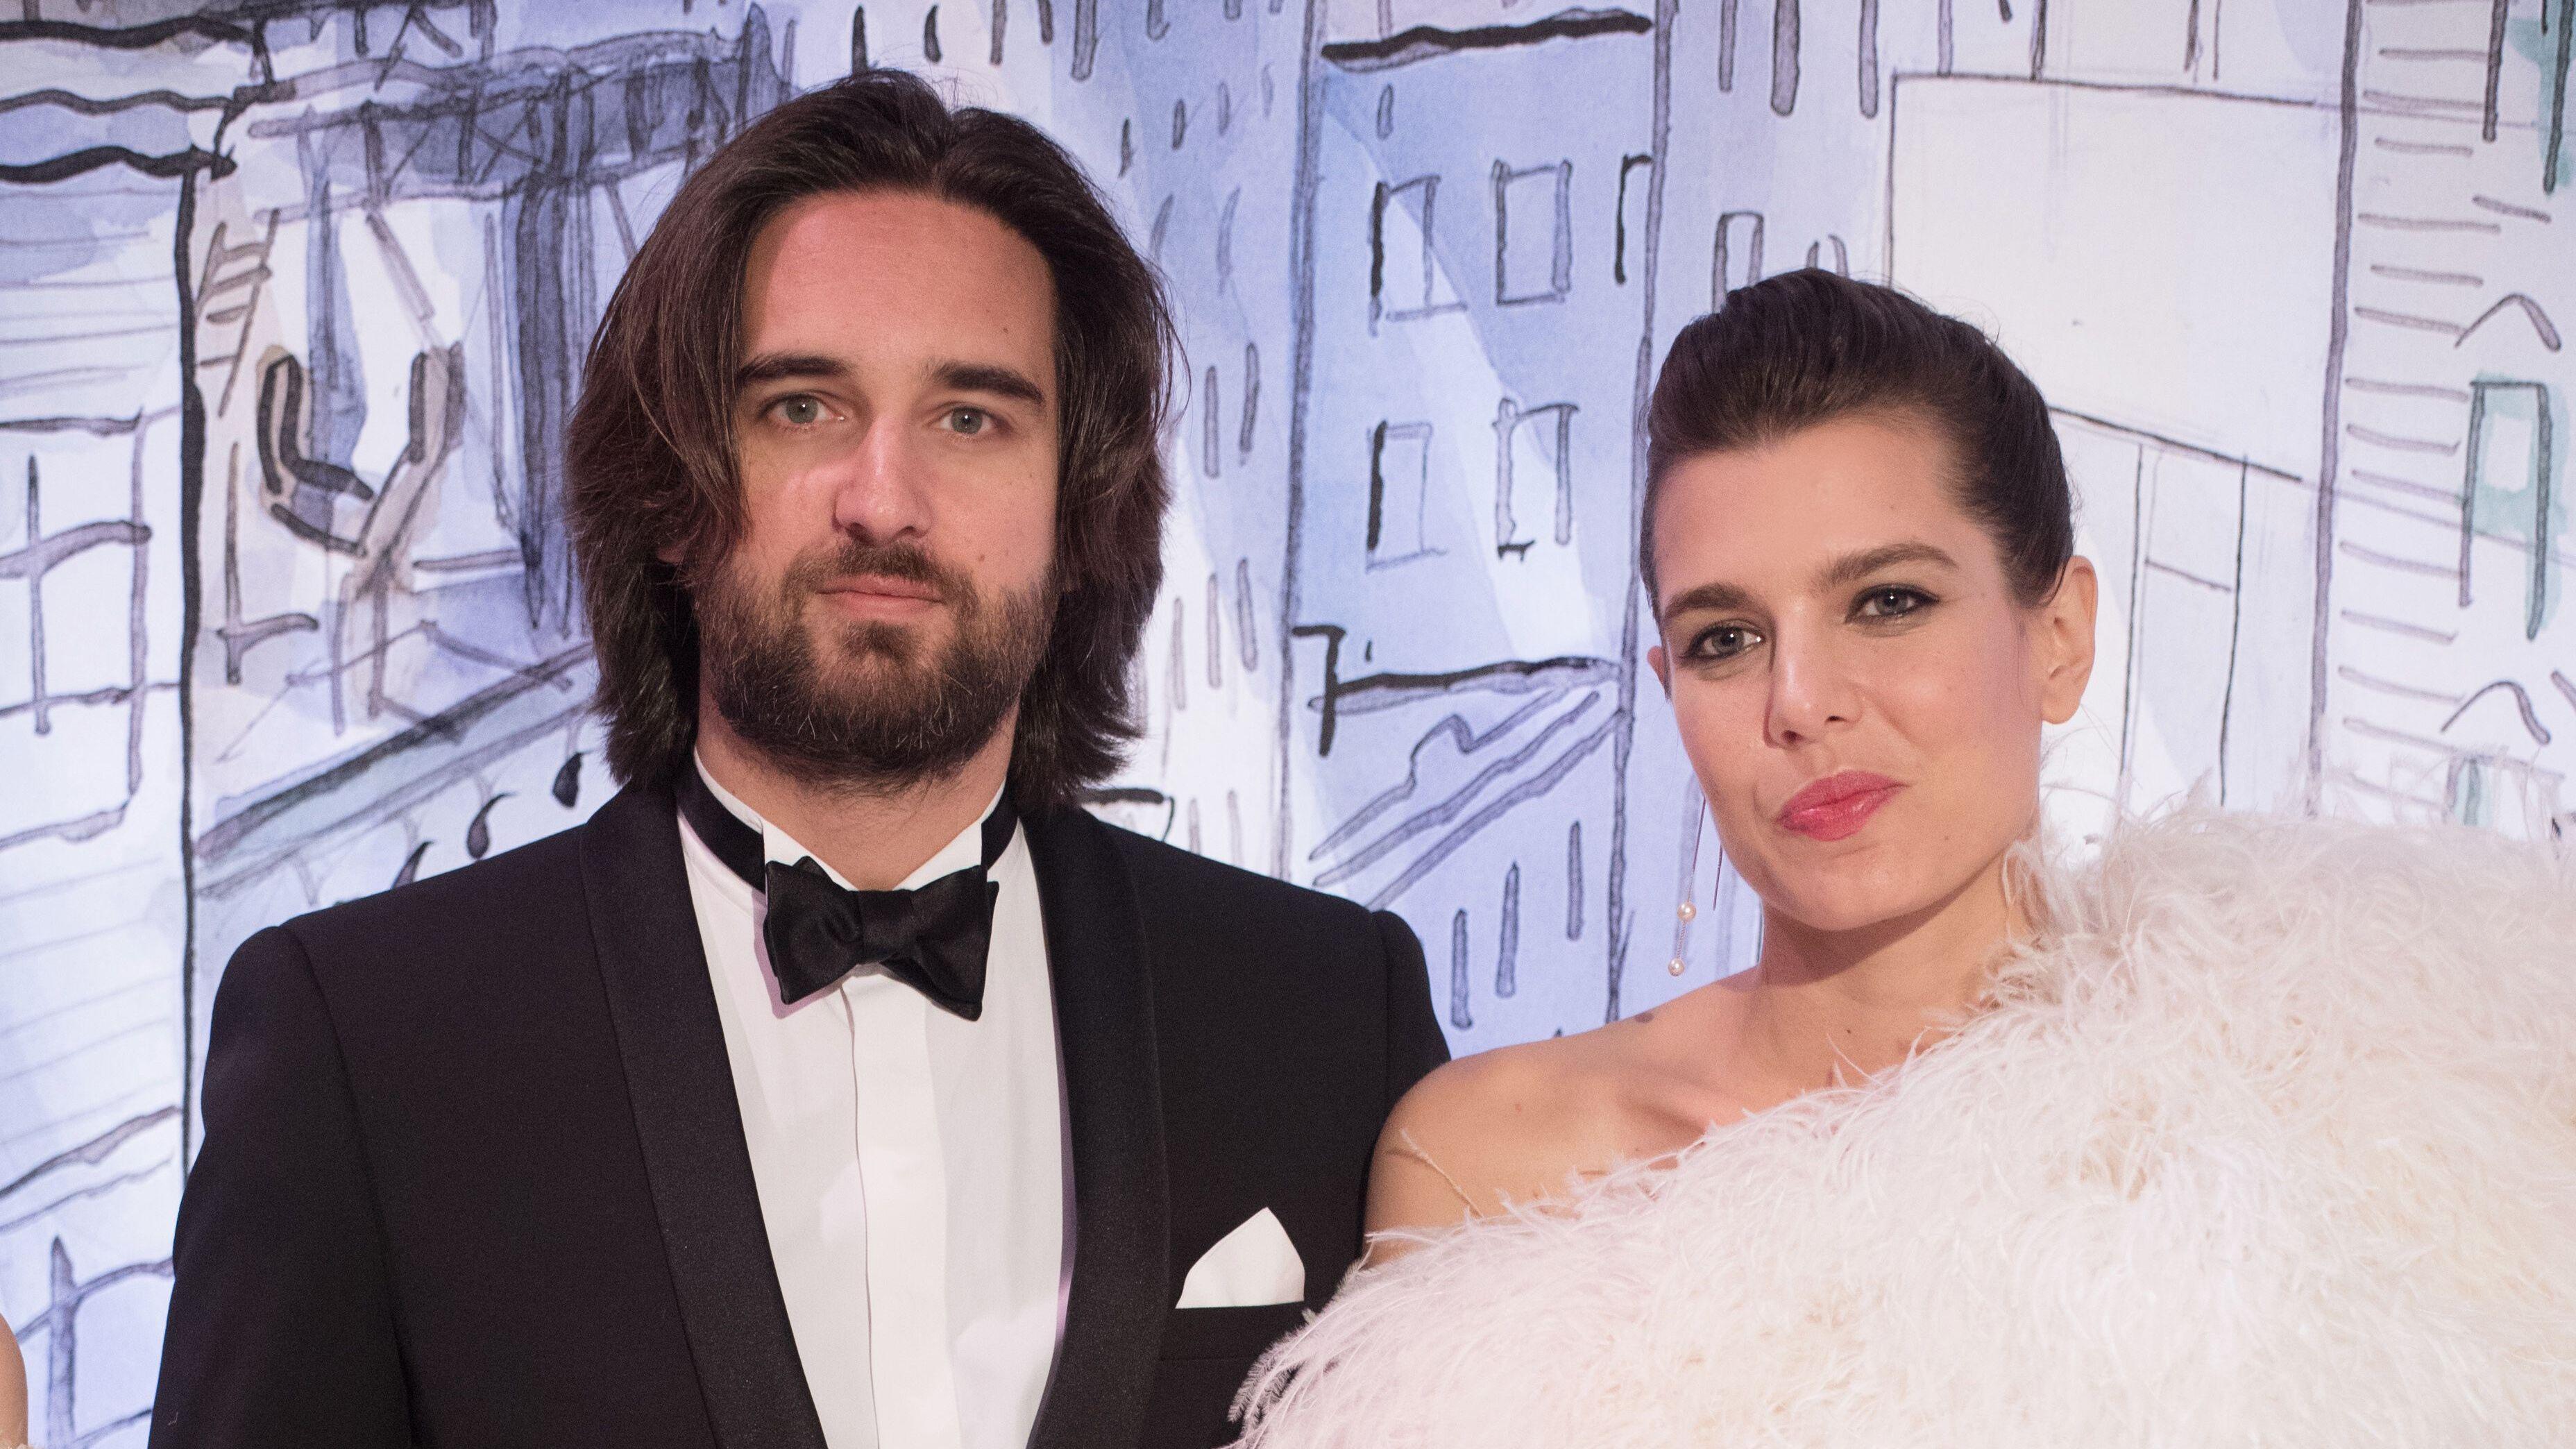 Mariage de Charlotte Casiraghi et Dimitri Rassam  retour sur leur histoire  d\u0027amour , Voici